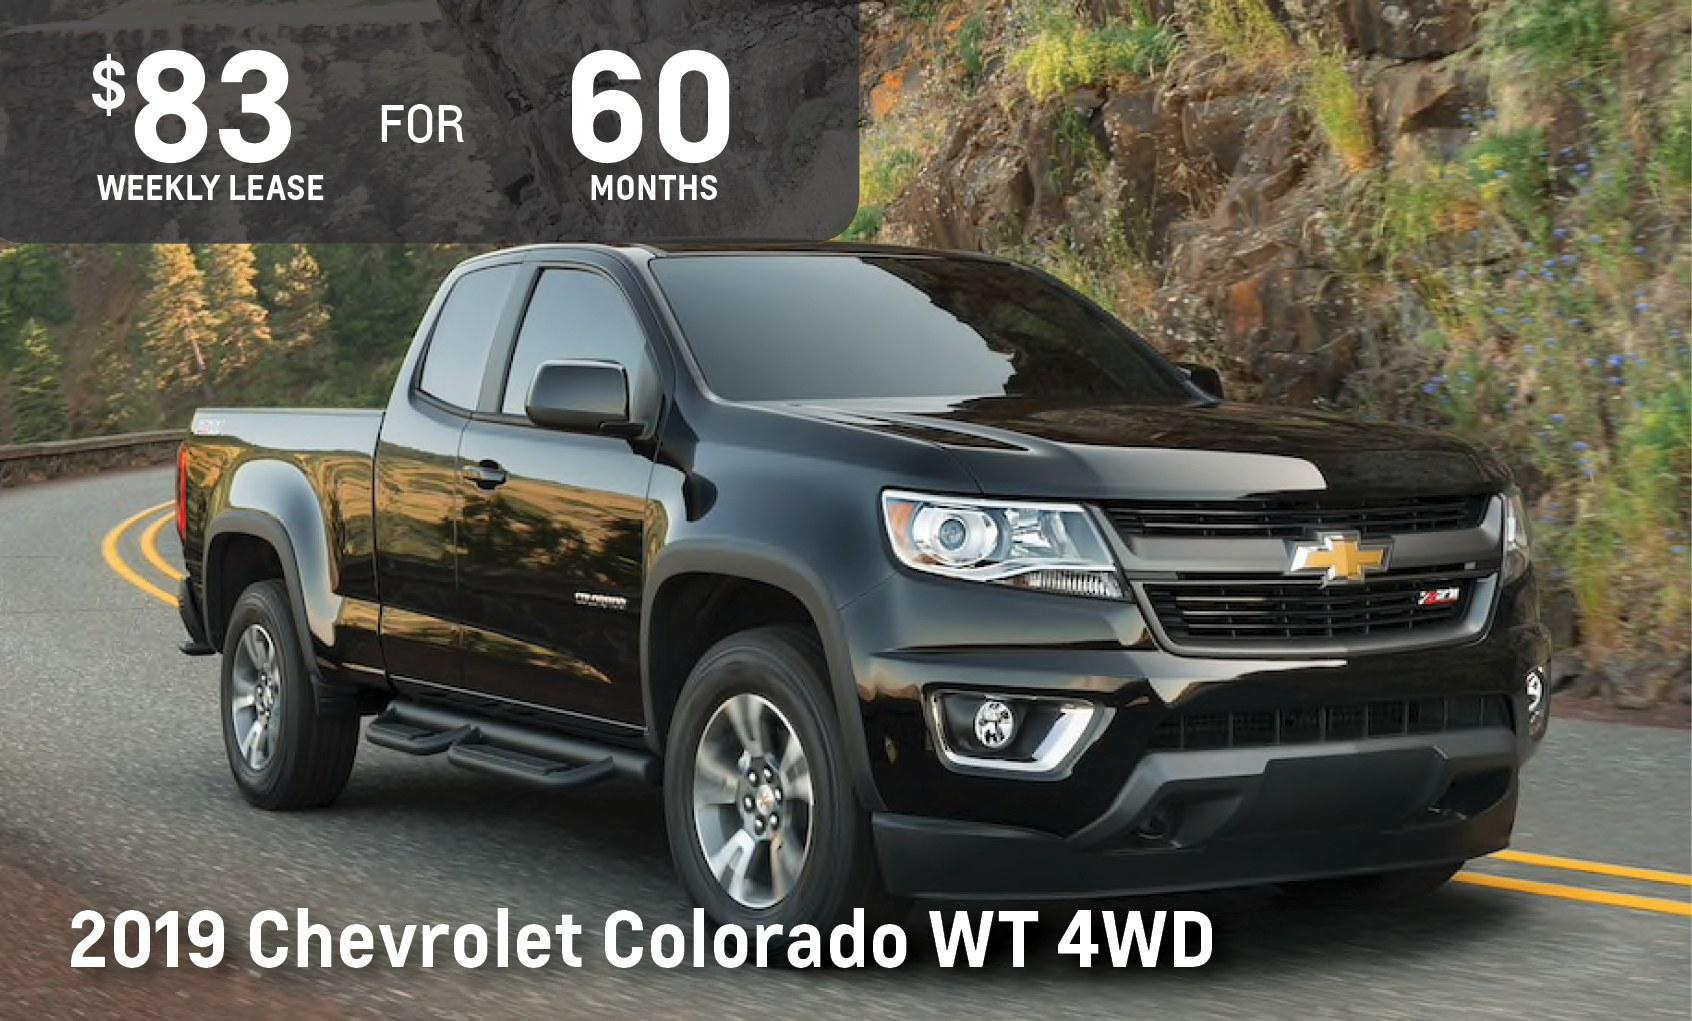 June 2019 Chevrolet Colorado Sale Ontario Motor Sales